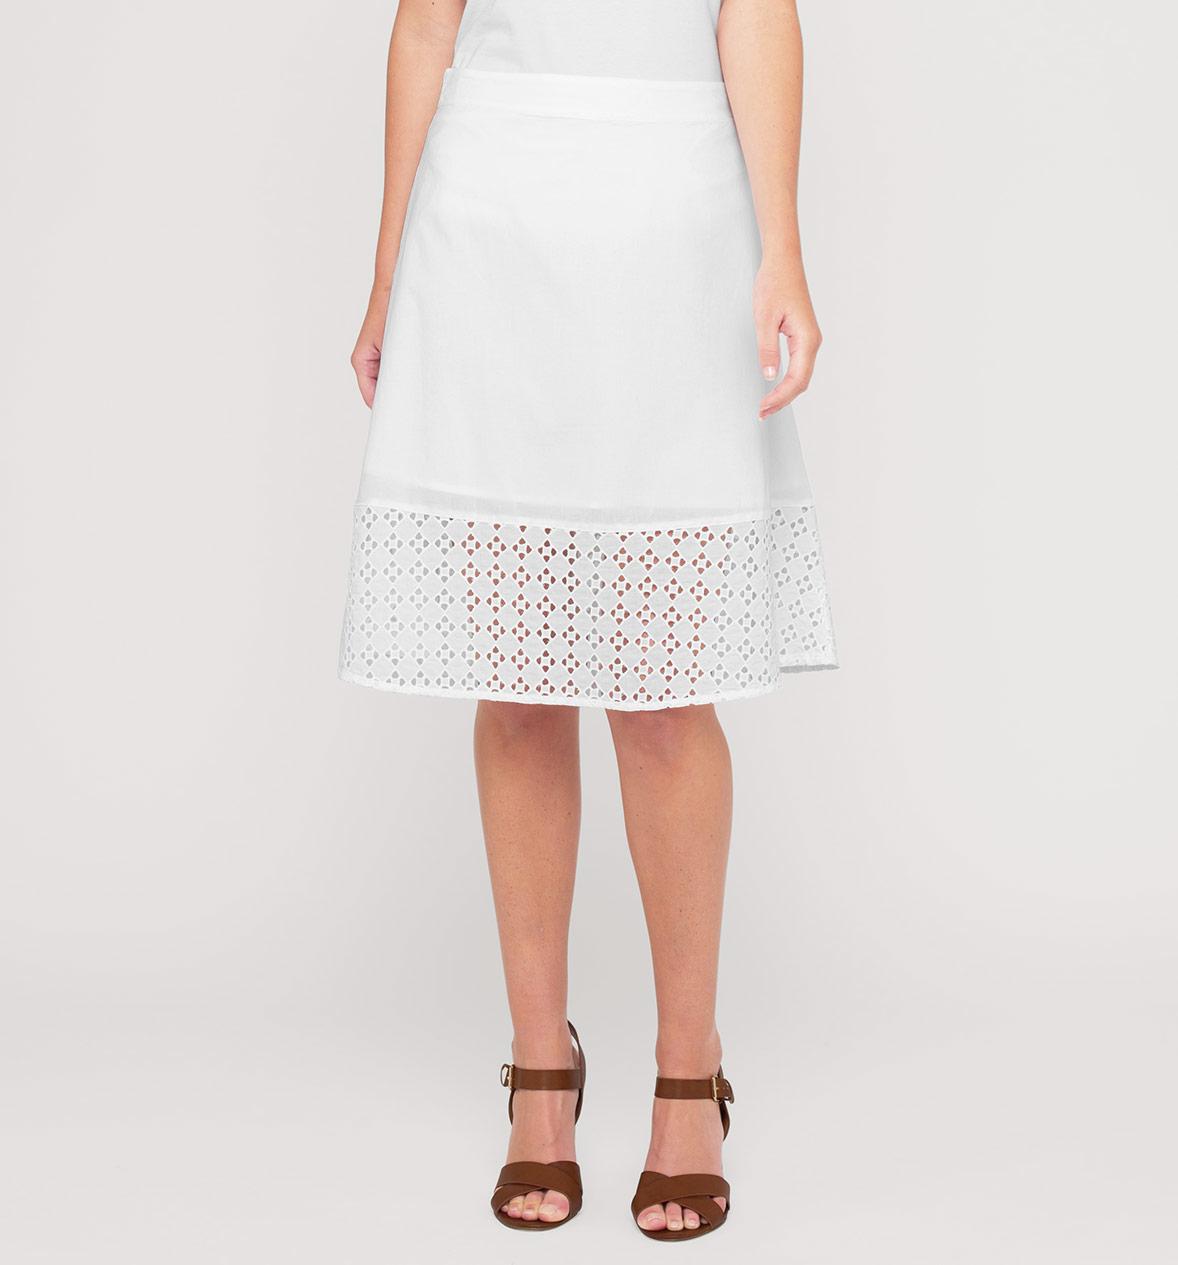 C&A incorpora nuevas faldas a su catálogo